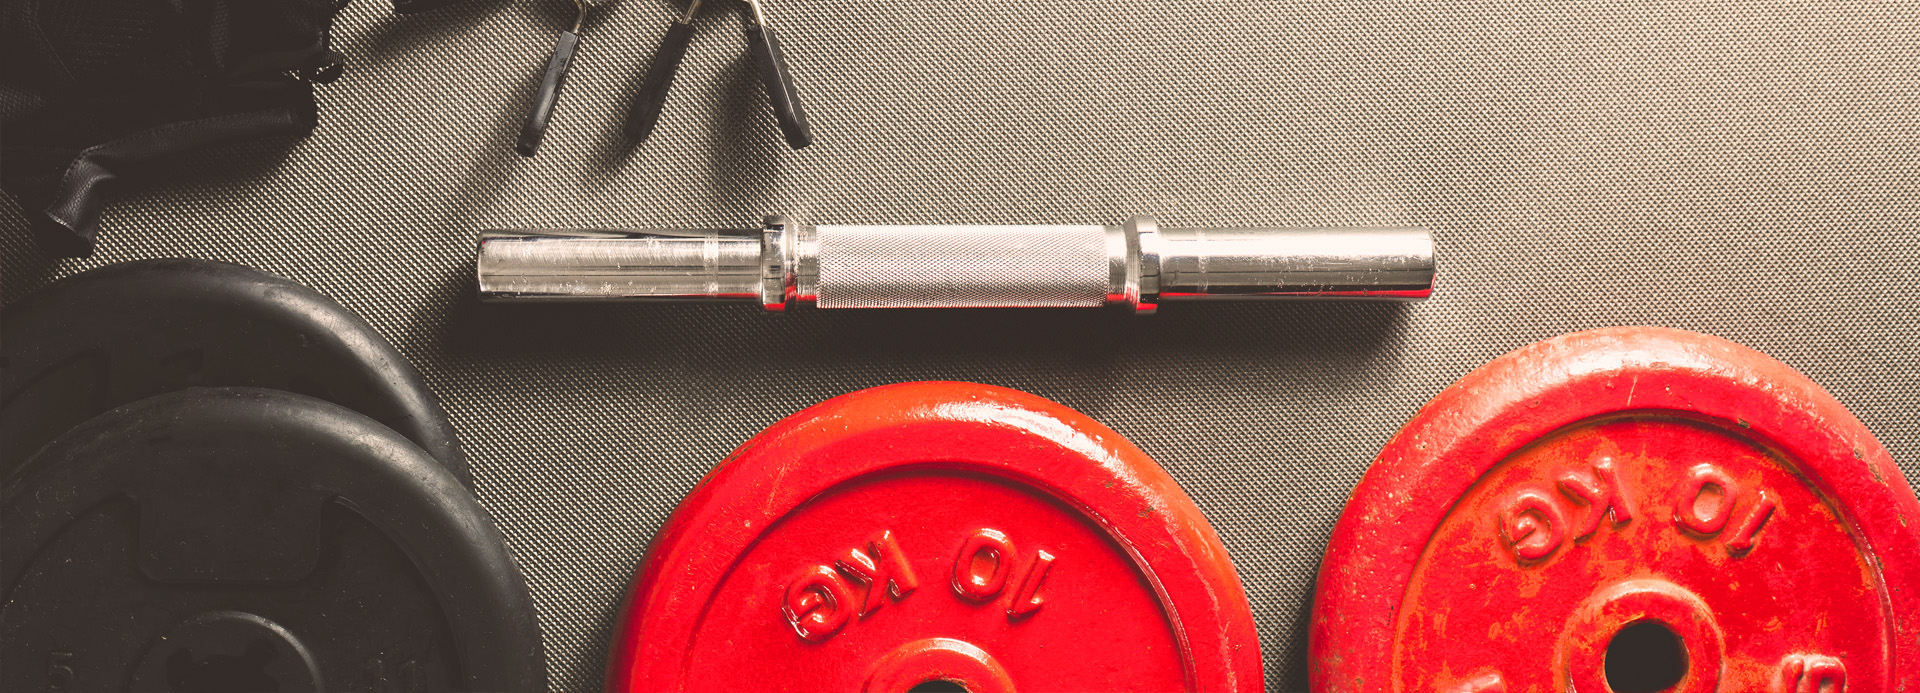 Lot de deux poids rouges de 10 kilos et leur barre d'haltère